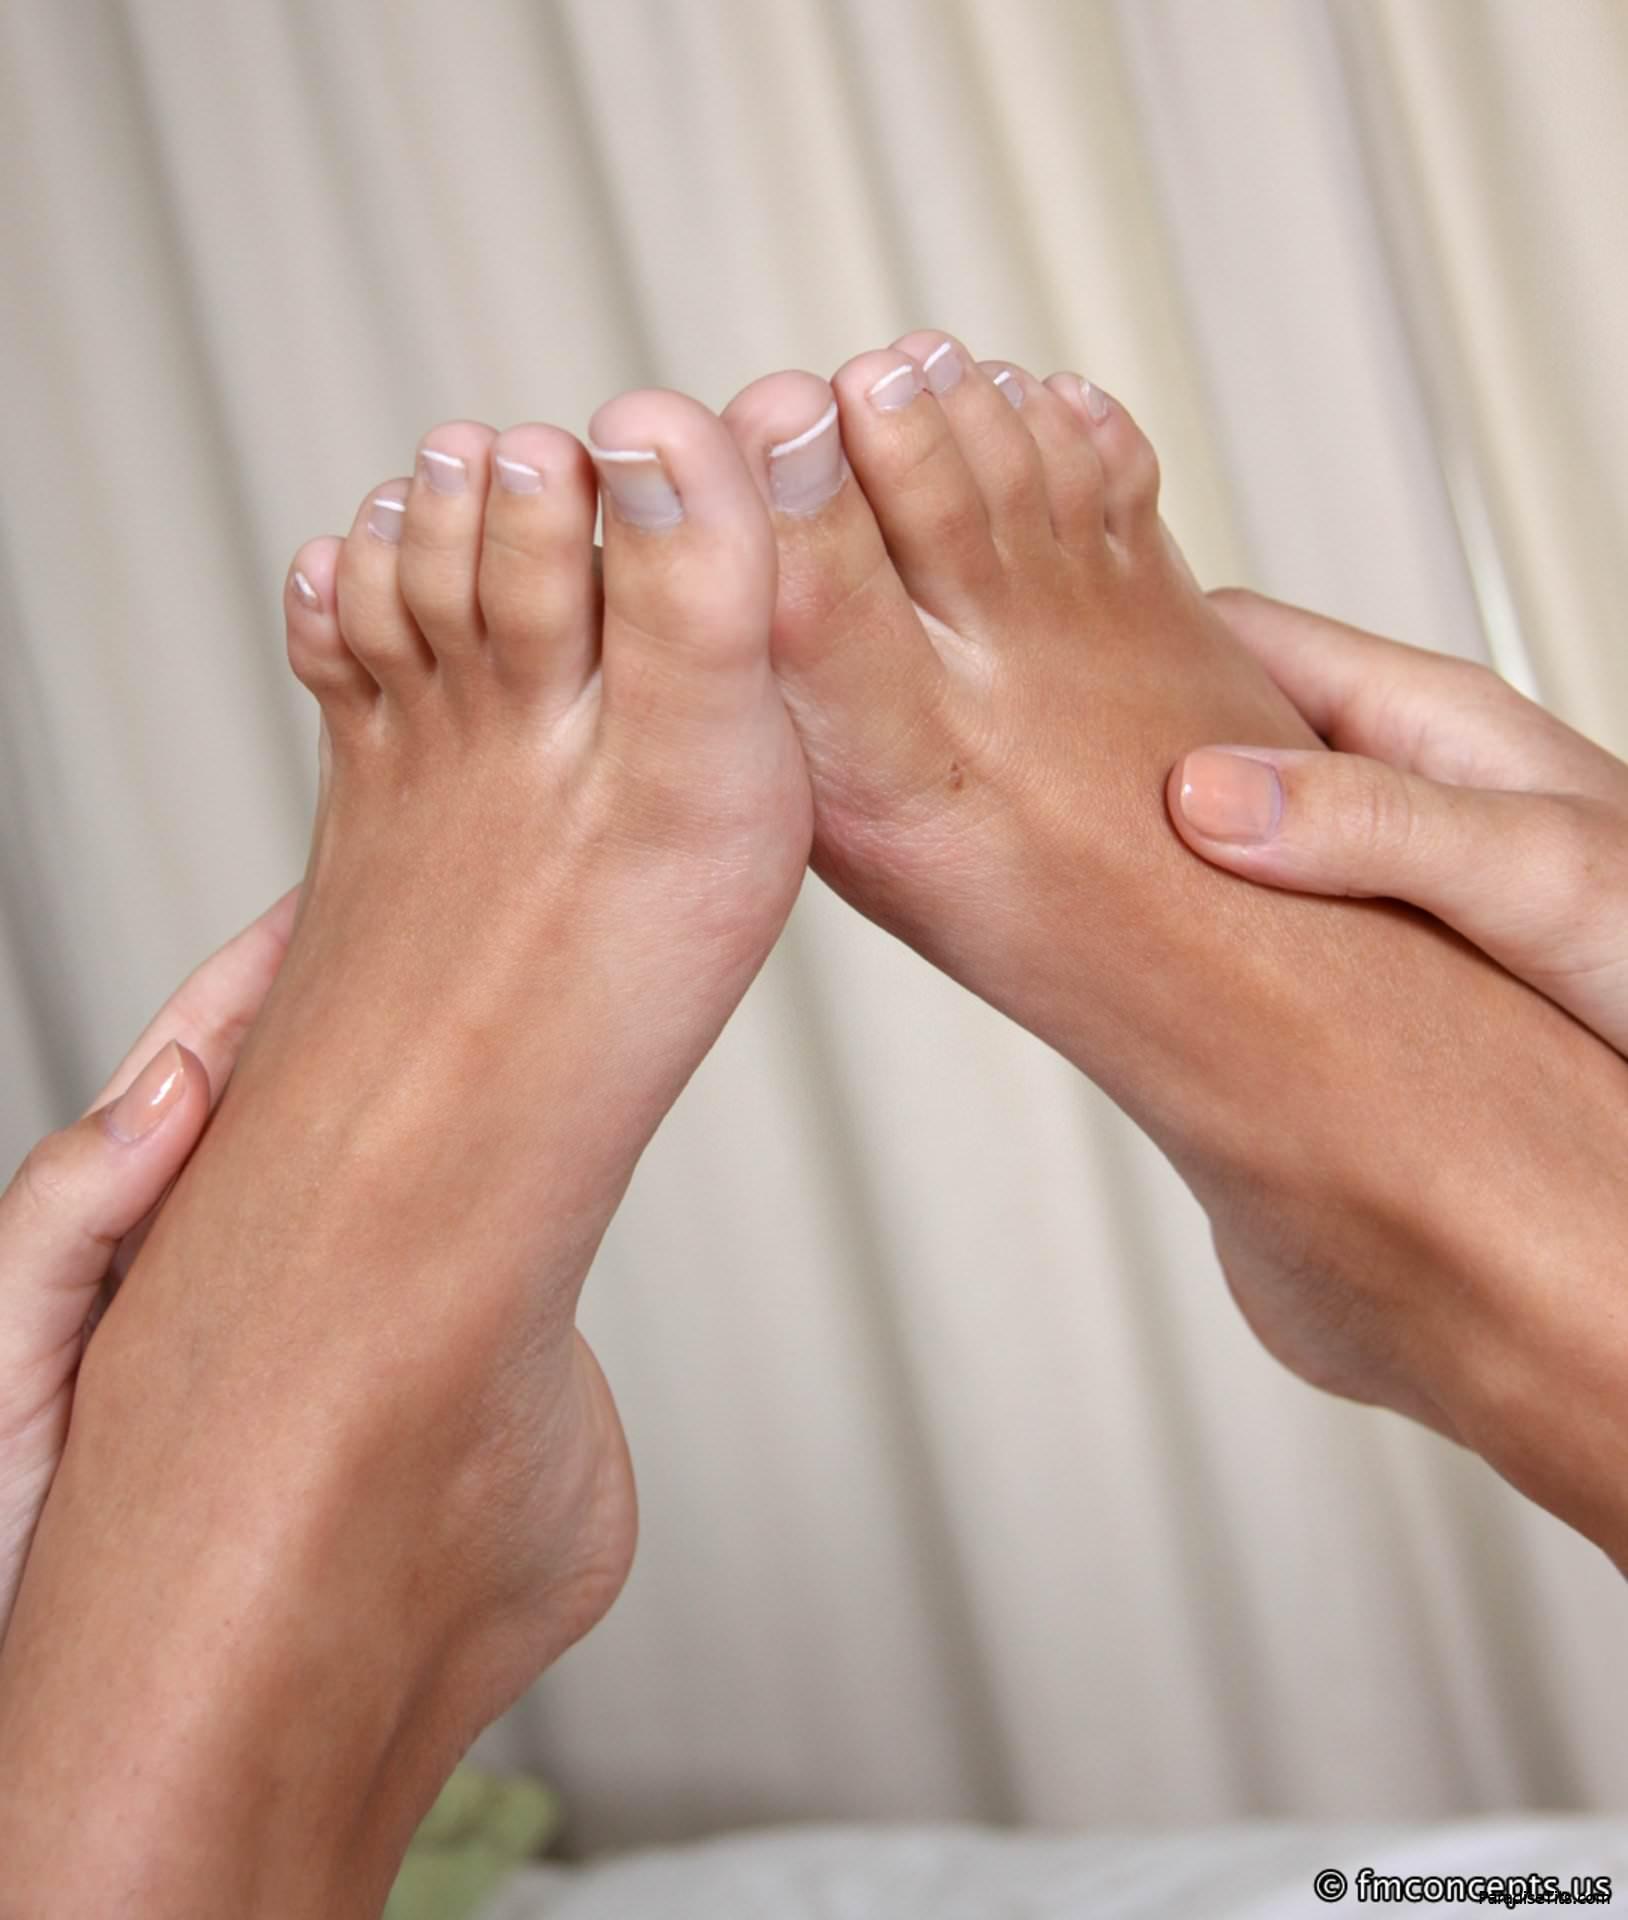 Порно фото с классной шатенкой, которая показывает голое тело и заманчиво двигает ногами